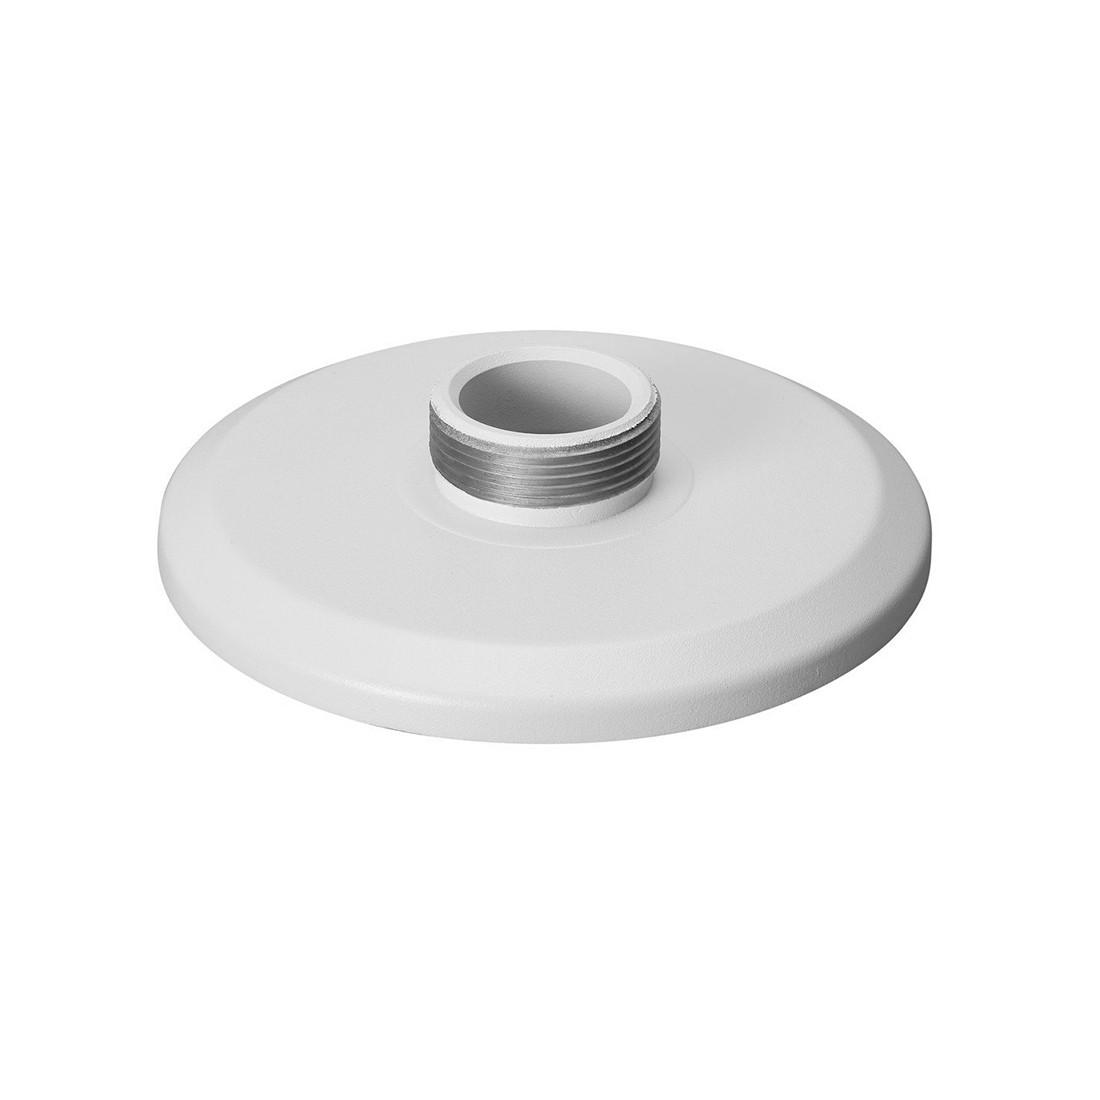 Адаптер для настенного кронштейна Dahua PFA101 (Алюминий)